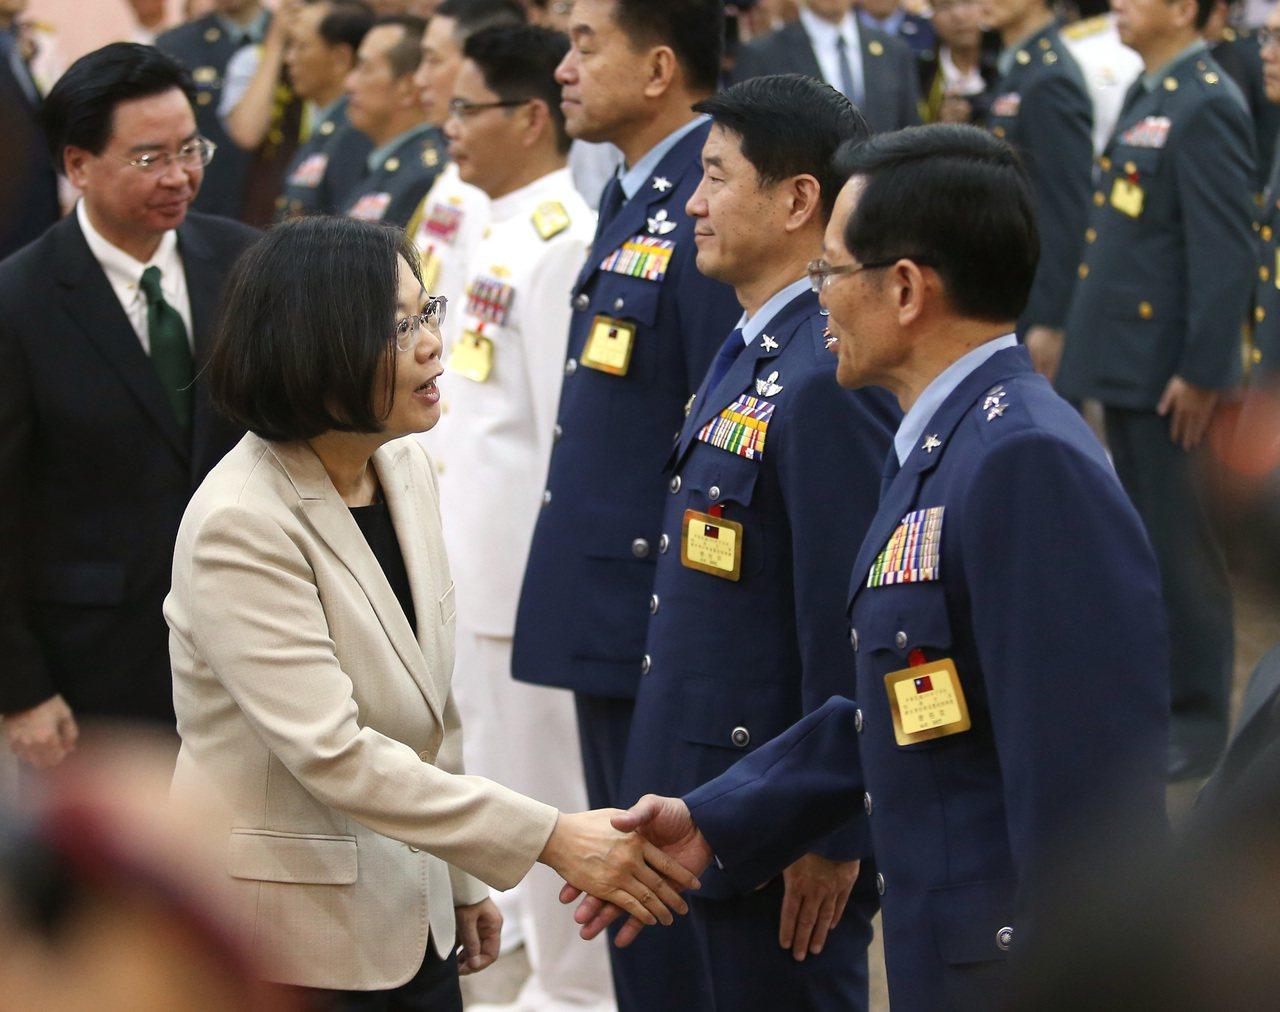 圖為2016年下半年陸海空軍將官晉任布達暨授階典禮,蔡英文總統(左)出席,為晉任...